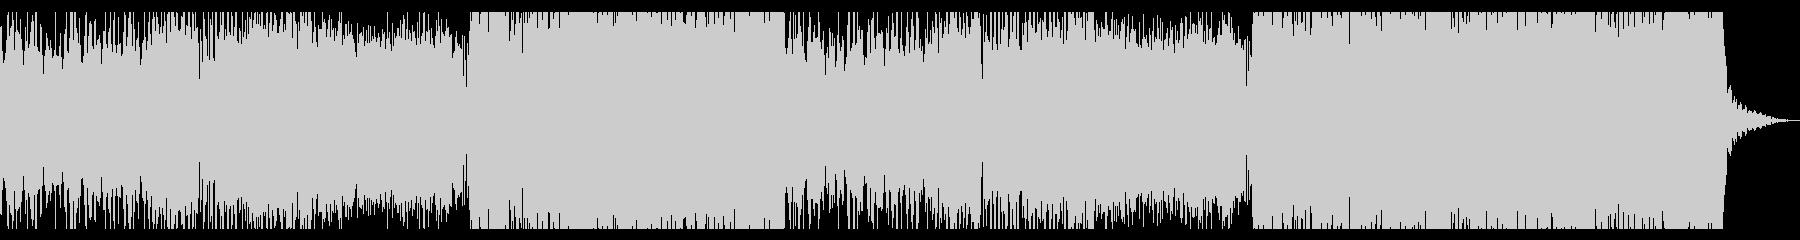 洋楽系トロピカルハウス セクシーの未再生の波形